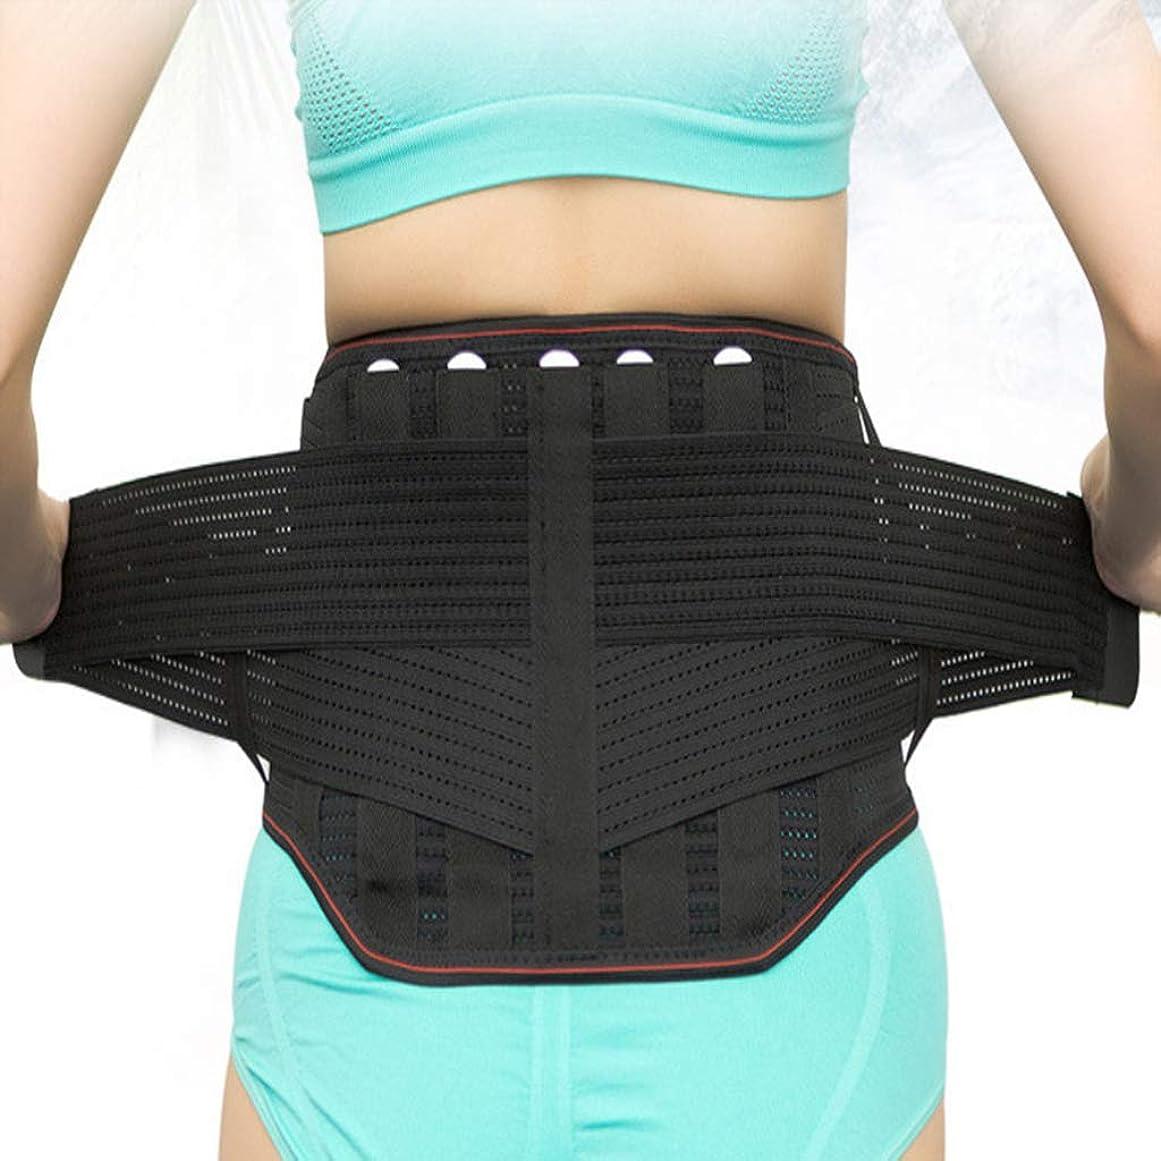 テラス電卓グリルベルト、自己発熱ベルト、完全通気性、通気性ウエスト、暖かい宮殿、自己発熱、改善された腰の不快感、男性と女性に適しています